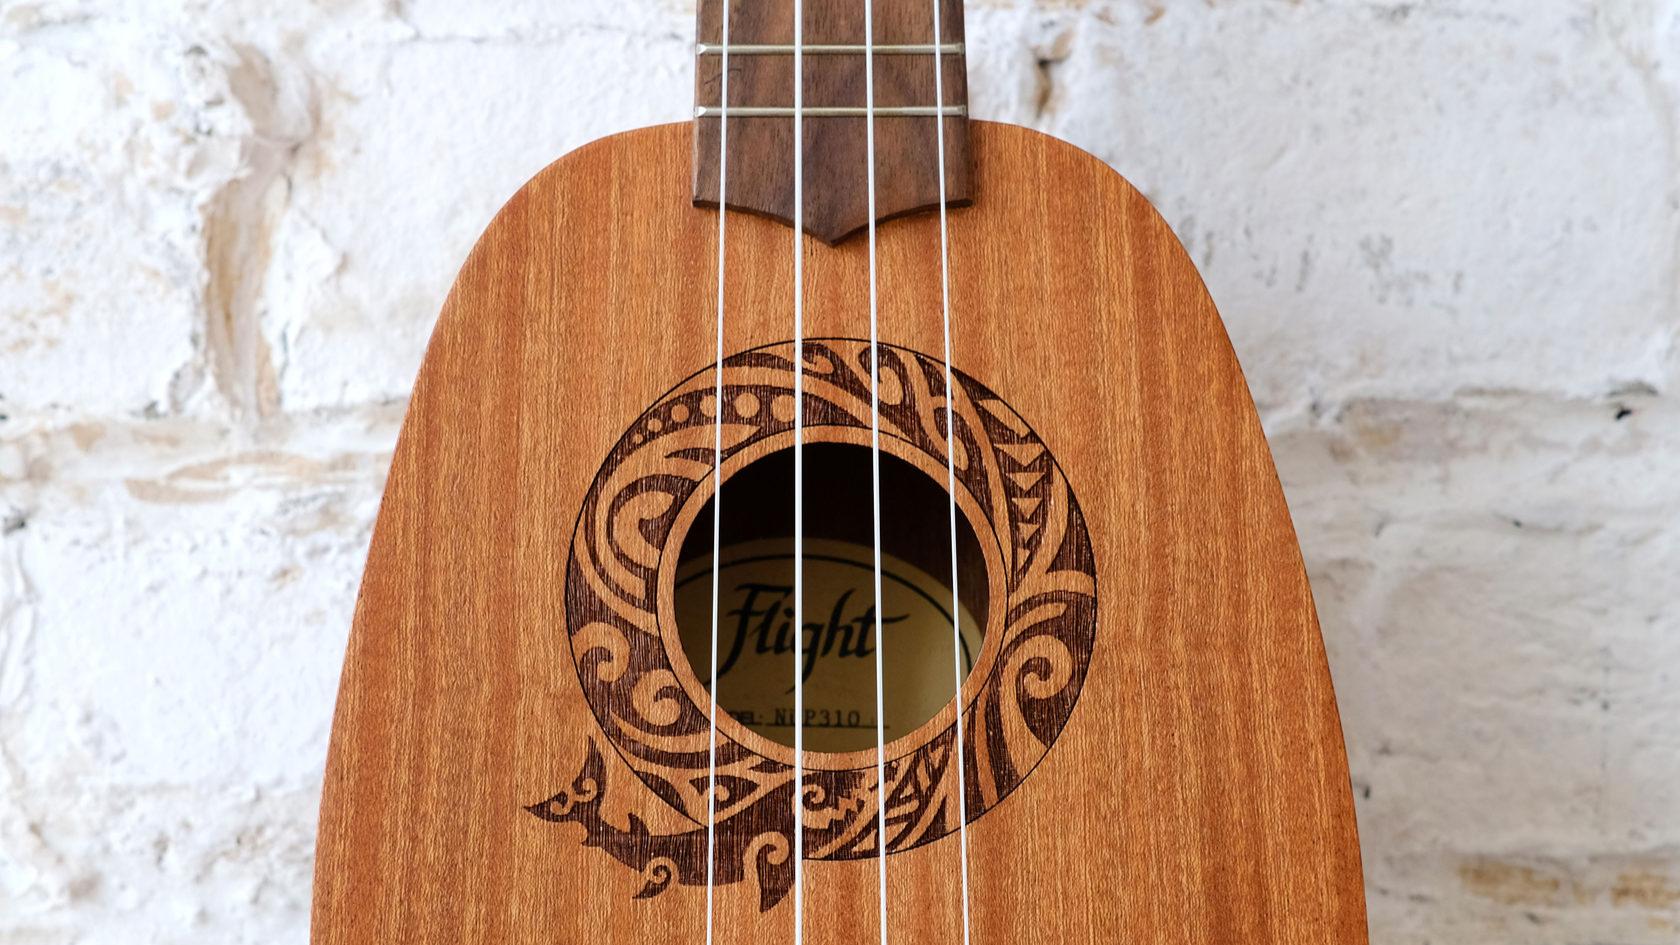 упить укулеле сопрано Flight с фирменным чехлом в комплекте в магазине укулеле Ukelovers, ukulele soprano, укулела